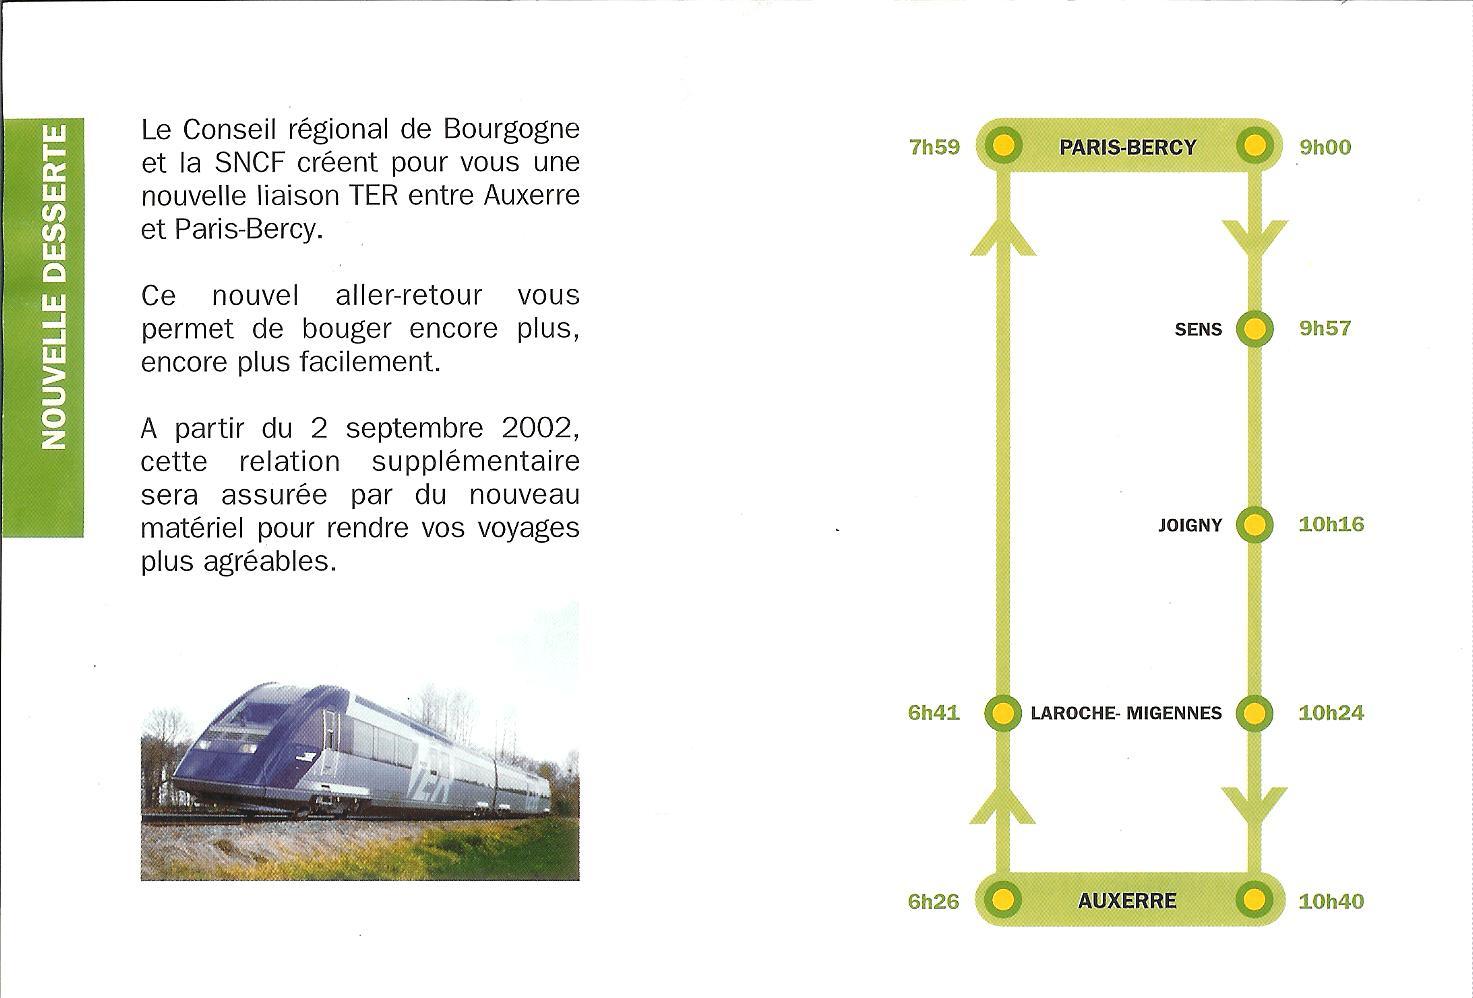 chronique-ter-bourgogne-c2b0-3-decembre-2002-le-premier-train-direct-auxerre-paris-en-xter72500